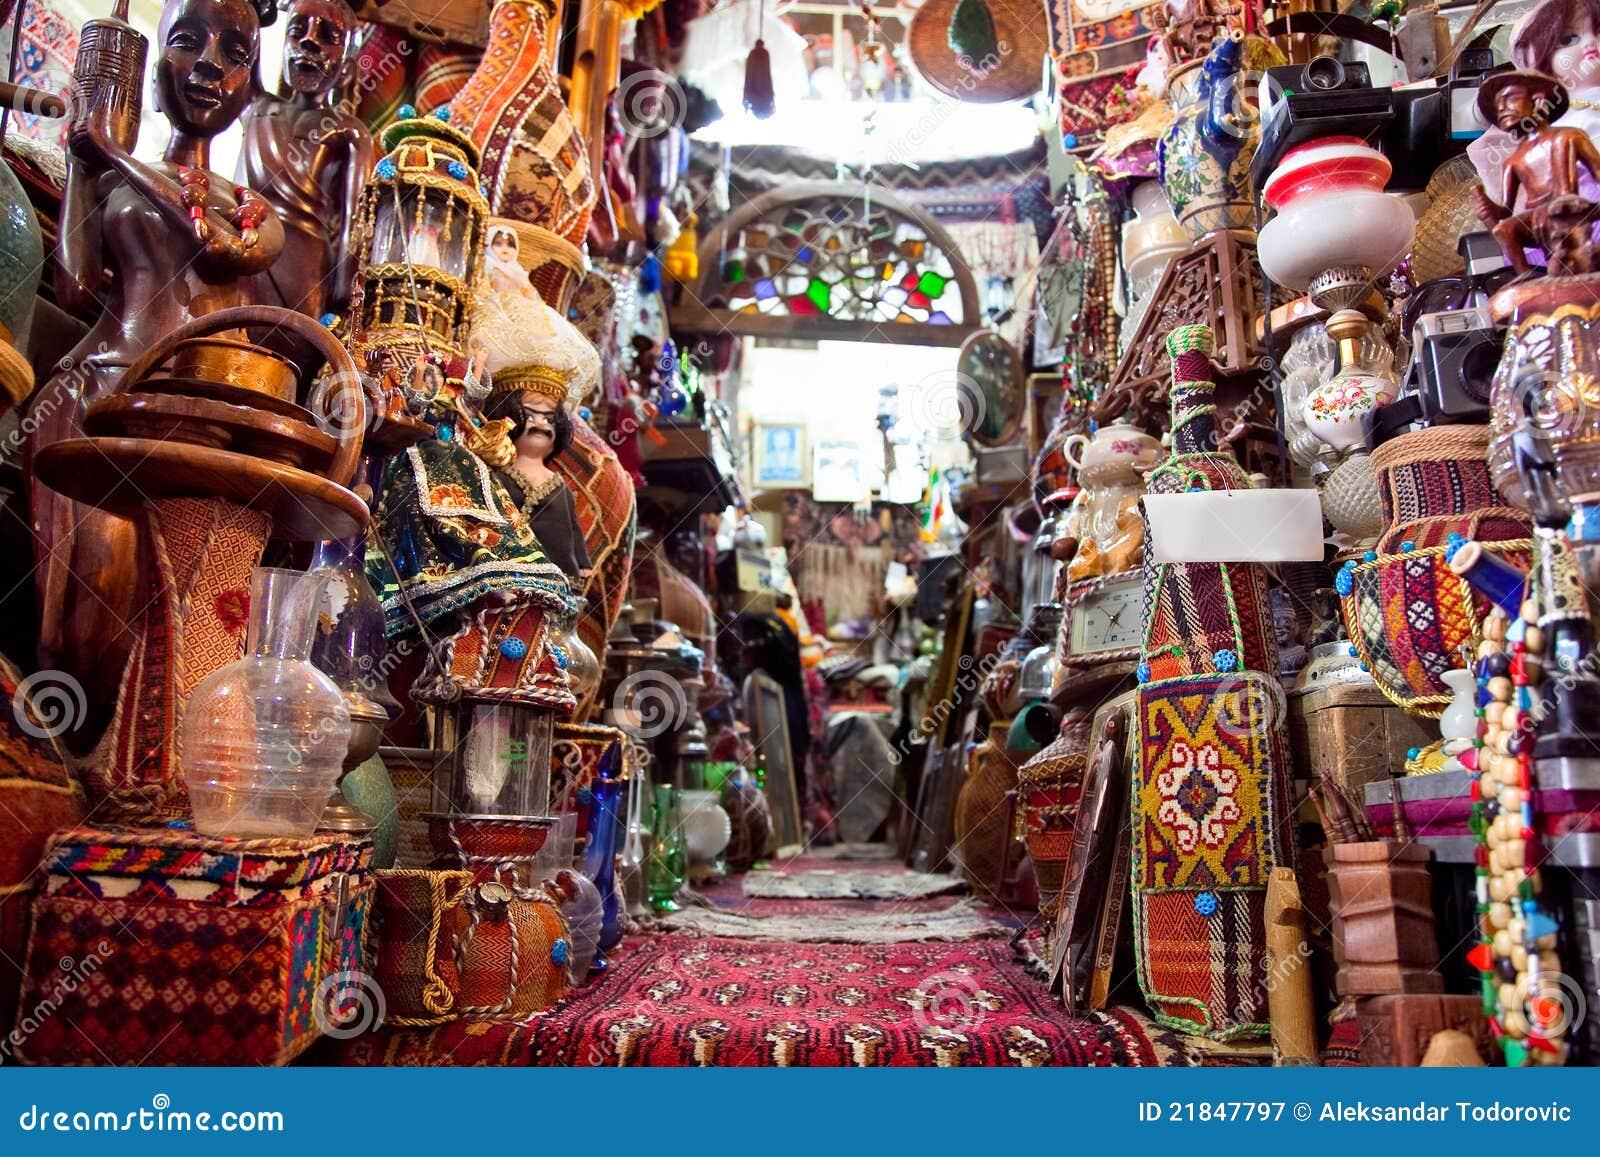 Shop Of Persian Carpets Shiraz Iran Stock Image Image